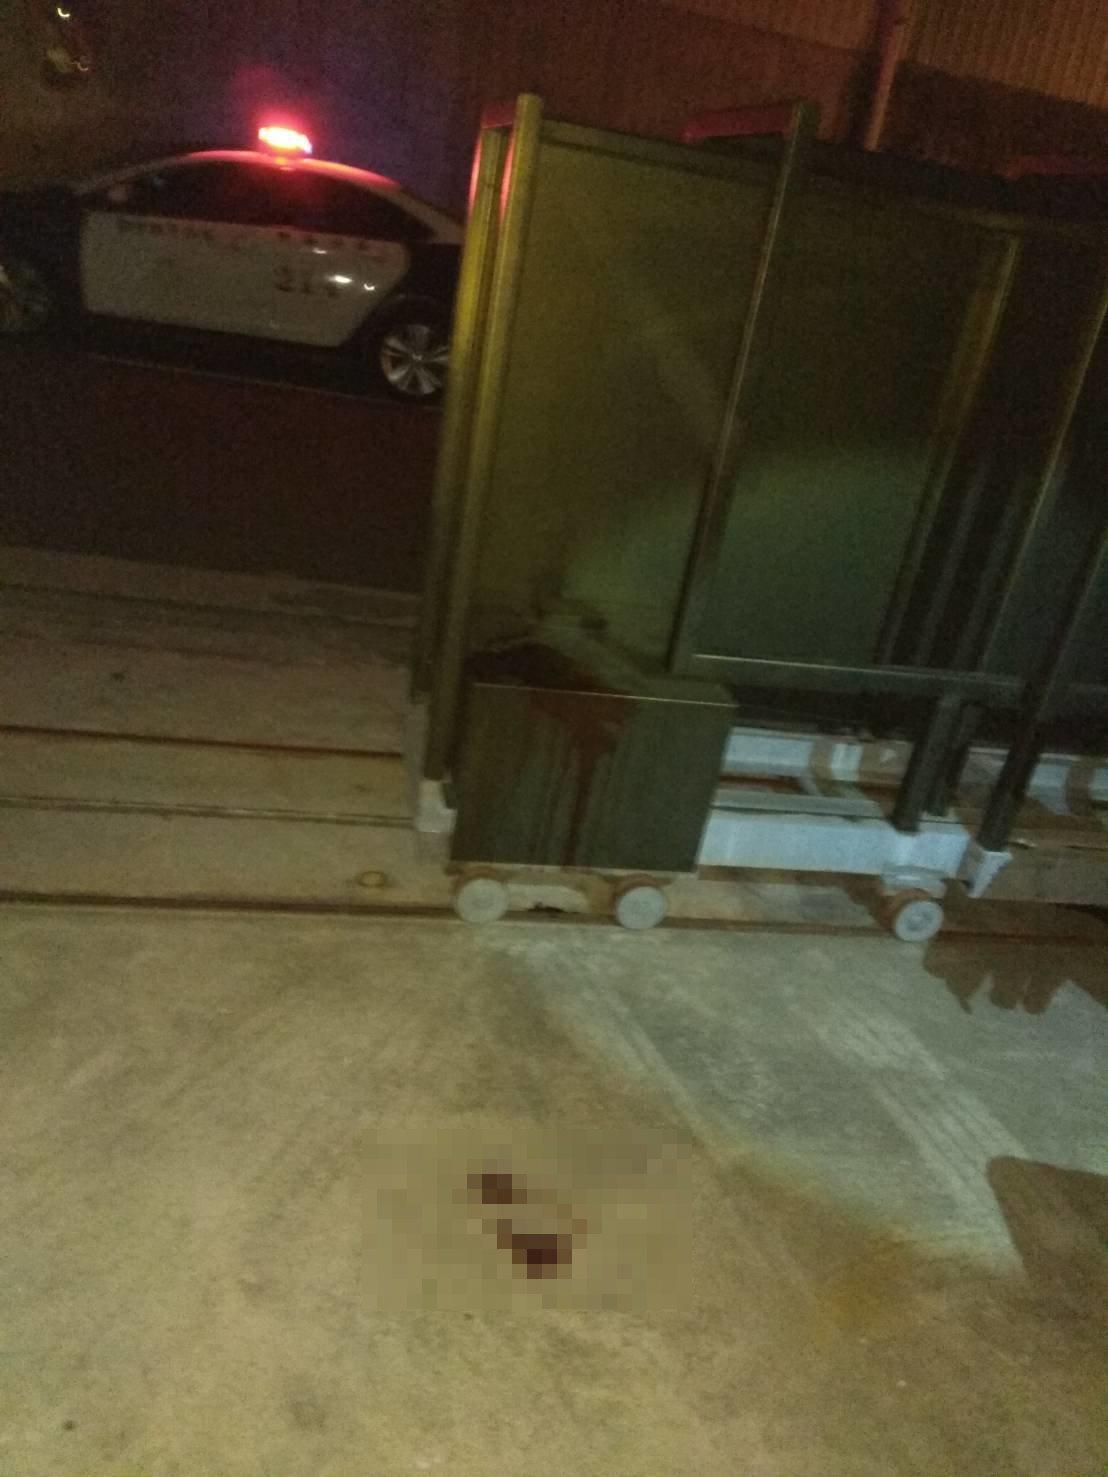 苗栗县竹南镇公馆里一间铁工厂傍晚发现一名男子遭电动拉门夹伤,救护人员到场时发现伤...